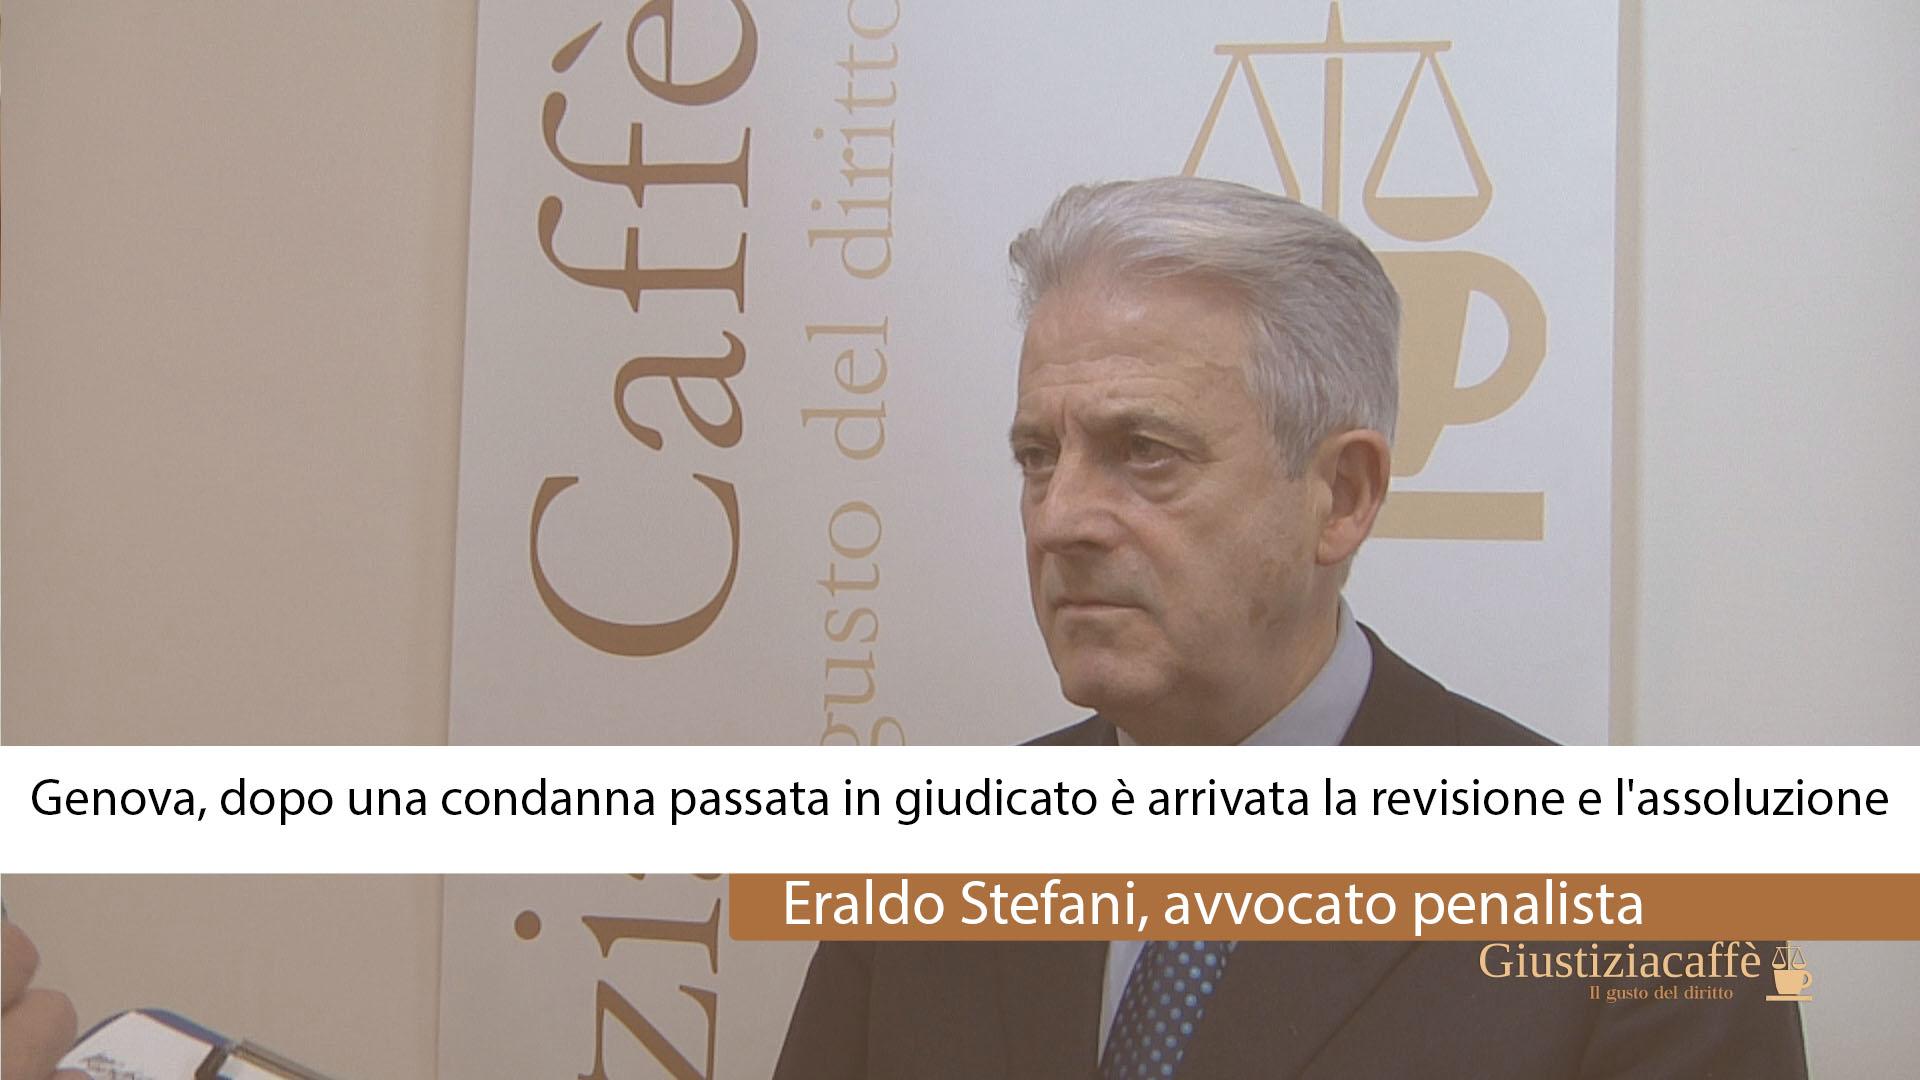 Genova, dopo una condanna passata in giudicato da 5 anni è arrivata la revisione e l'assoluzione